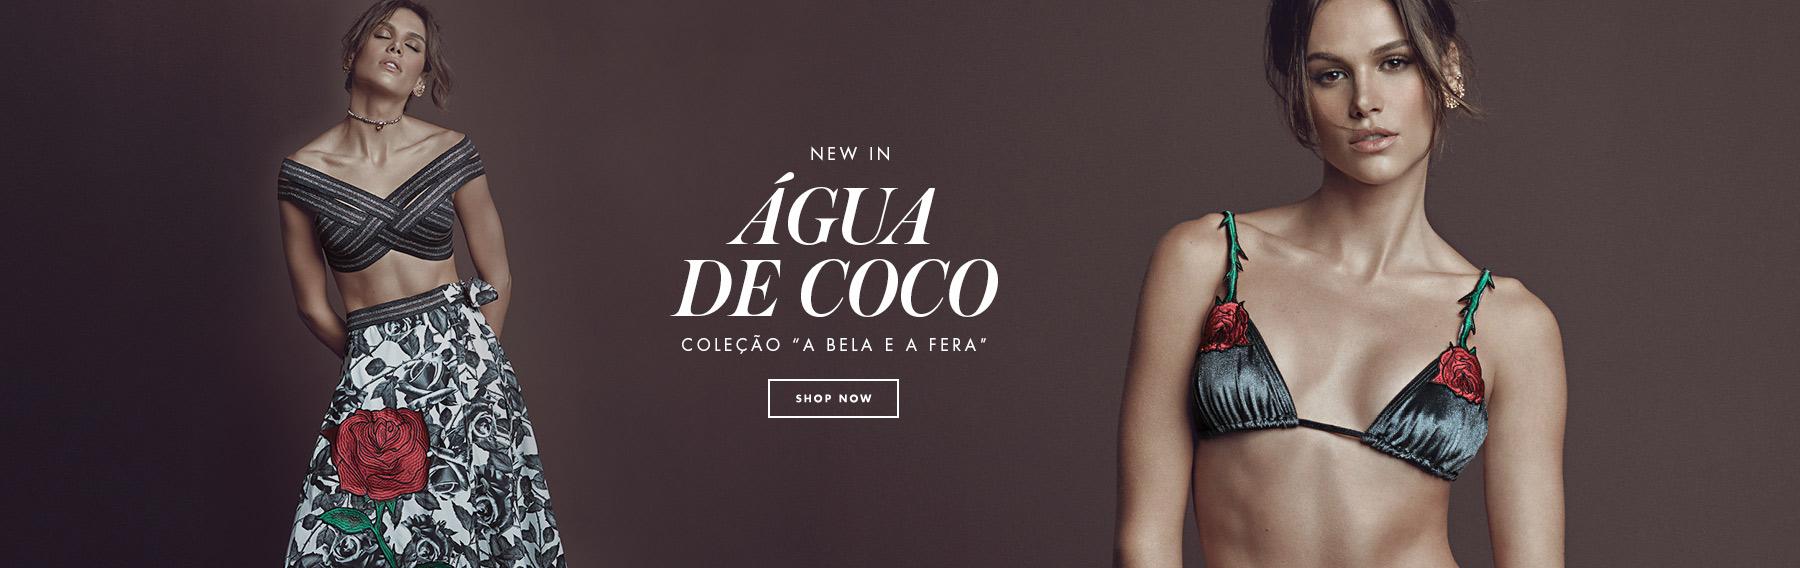 Mega Banner Água de Coco